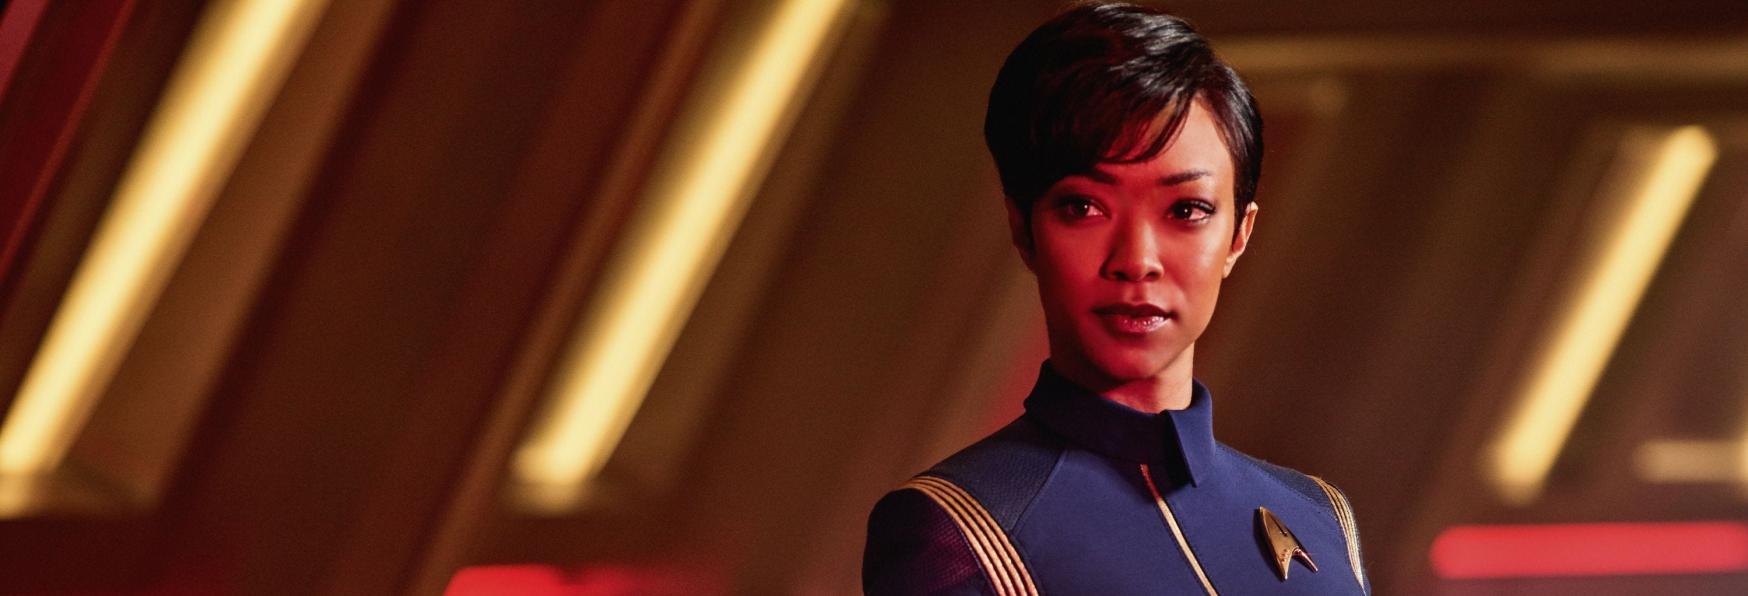 Star Trek: Discovery 3 - Pubblicate le Foto del Primo Episodio della Stagione inedita